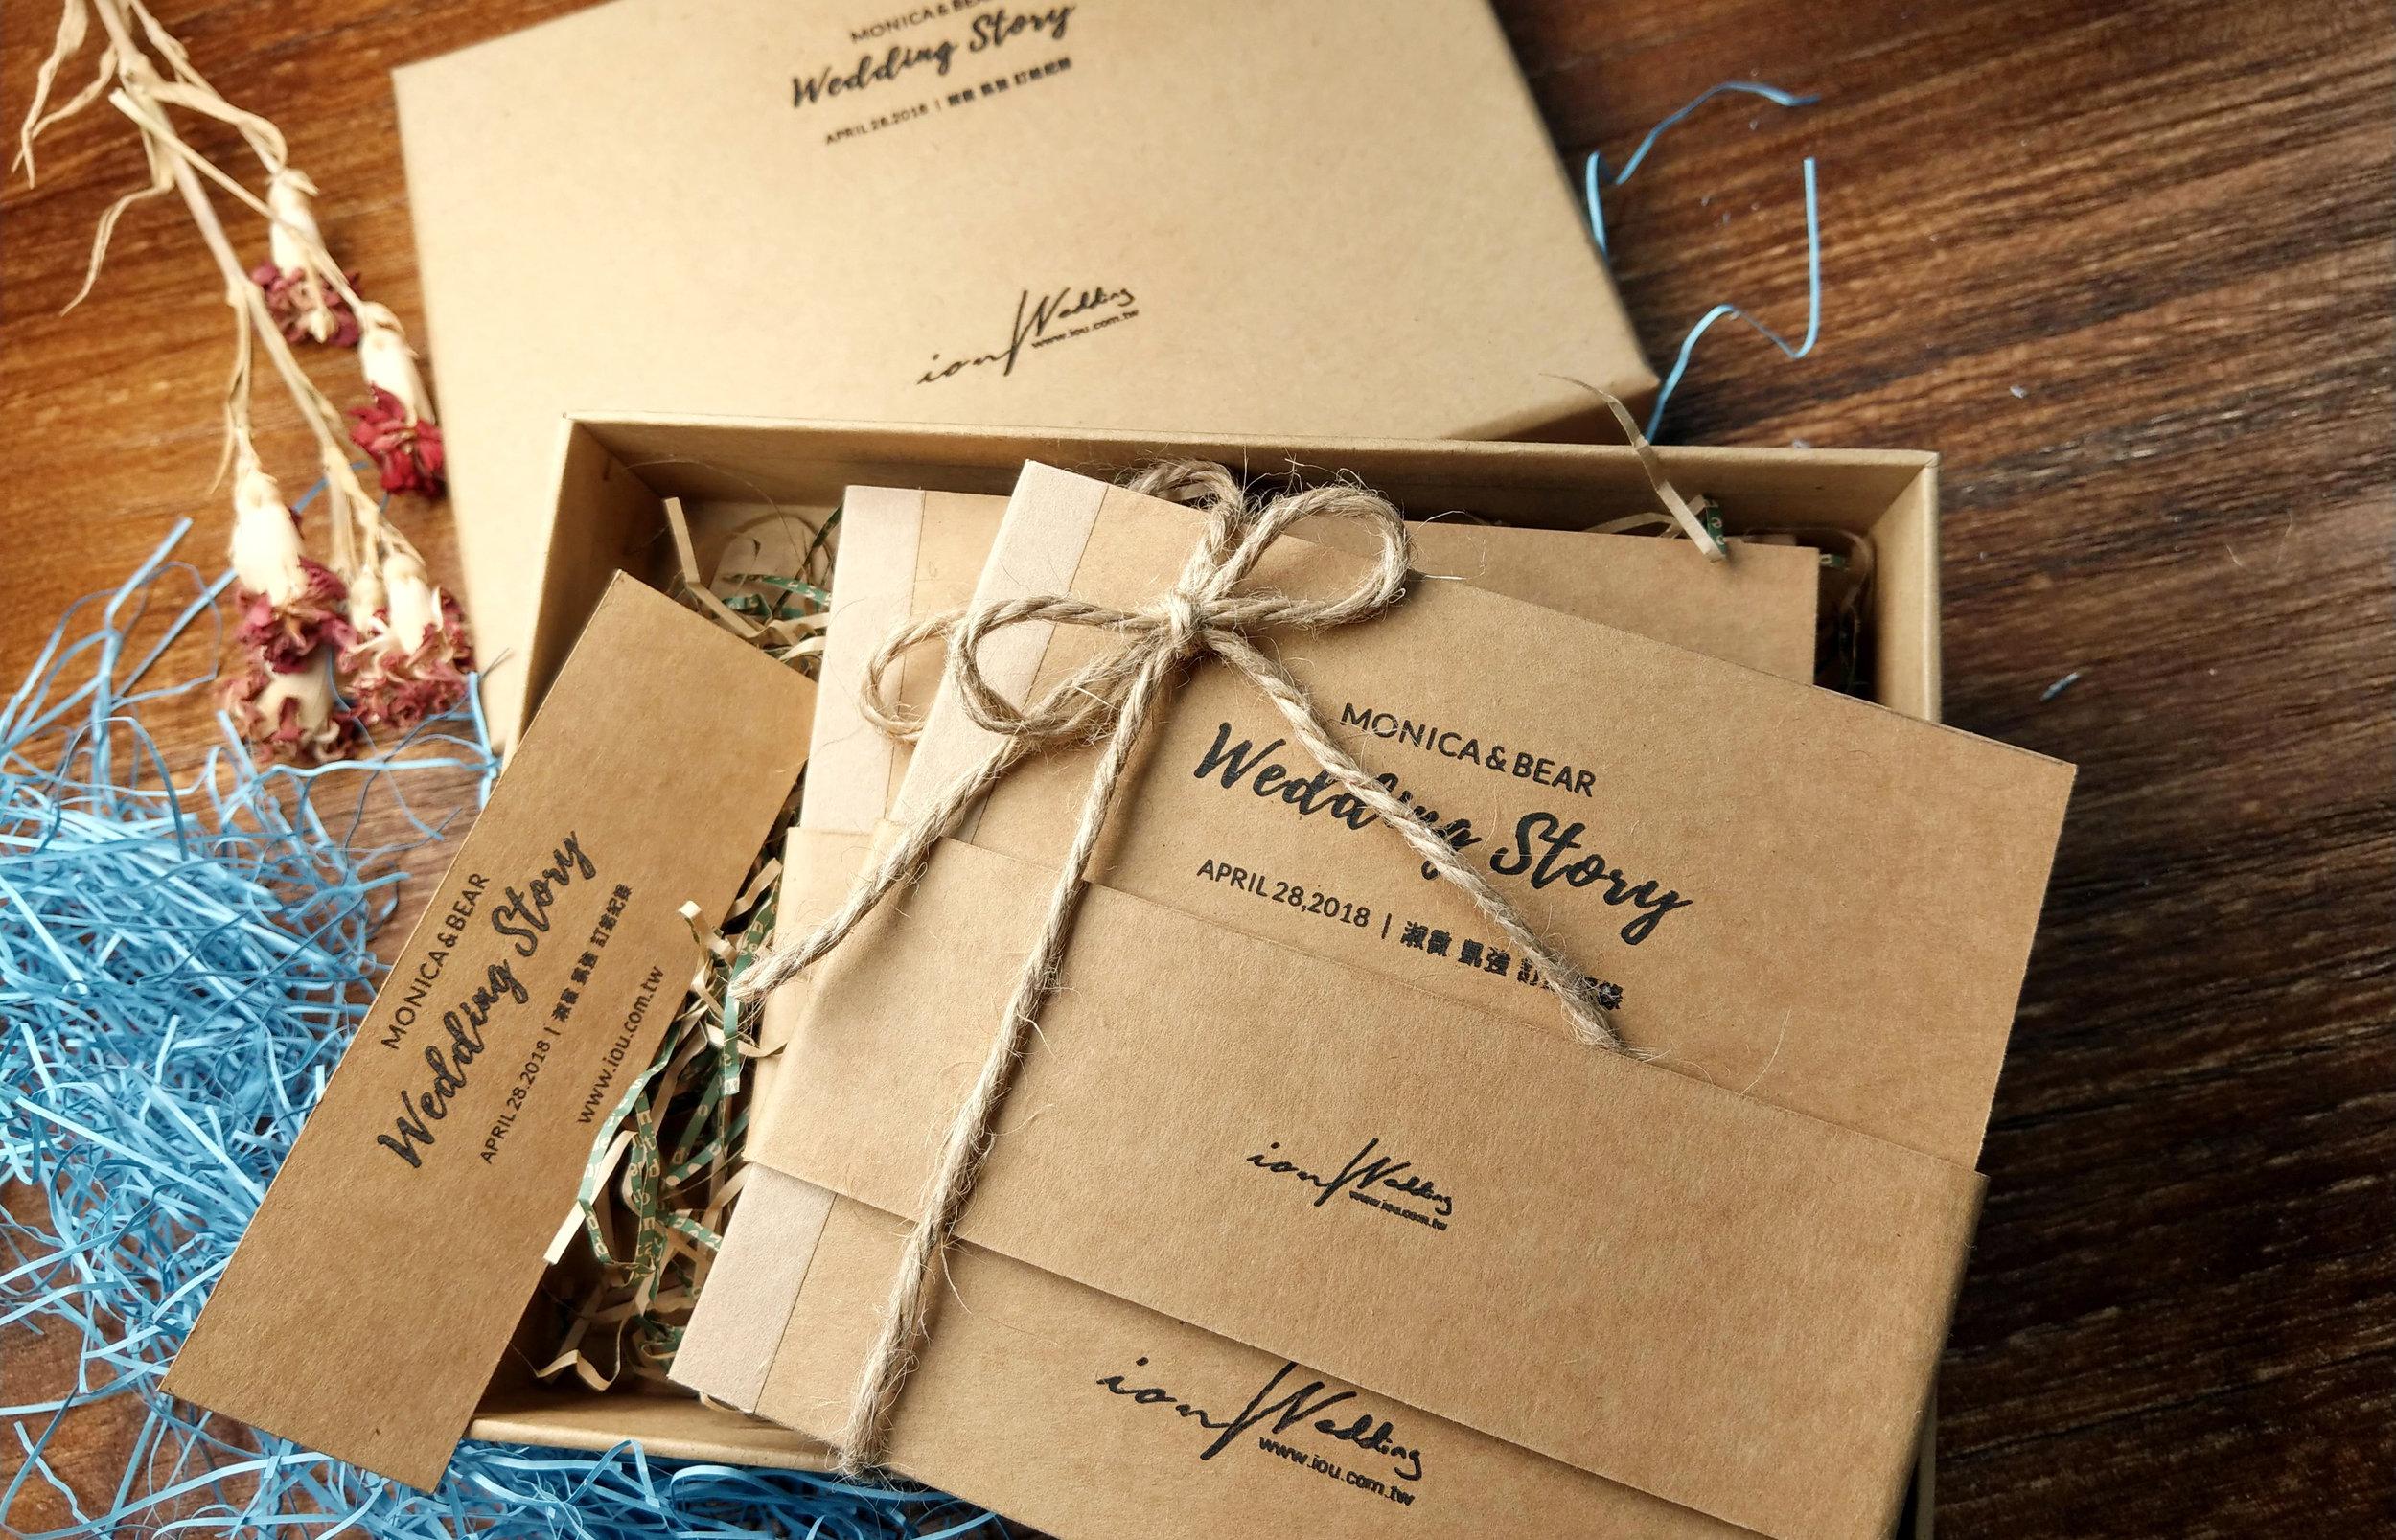 成品概觀 - 透過這裡了解到您的婚禮紀錄成品內容